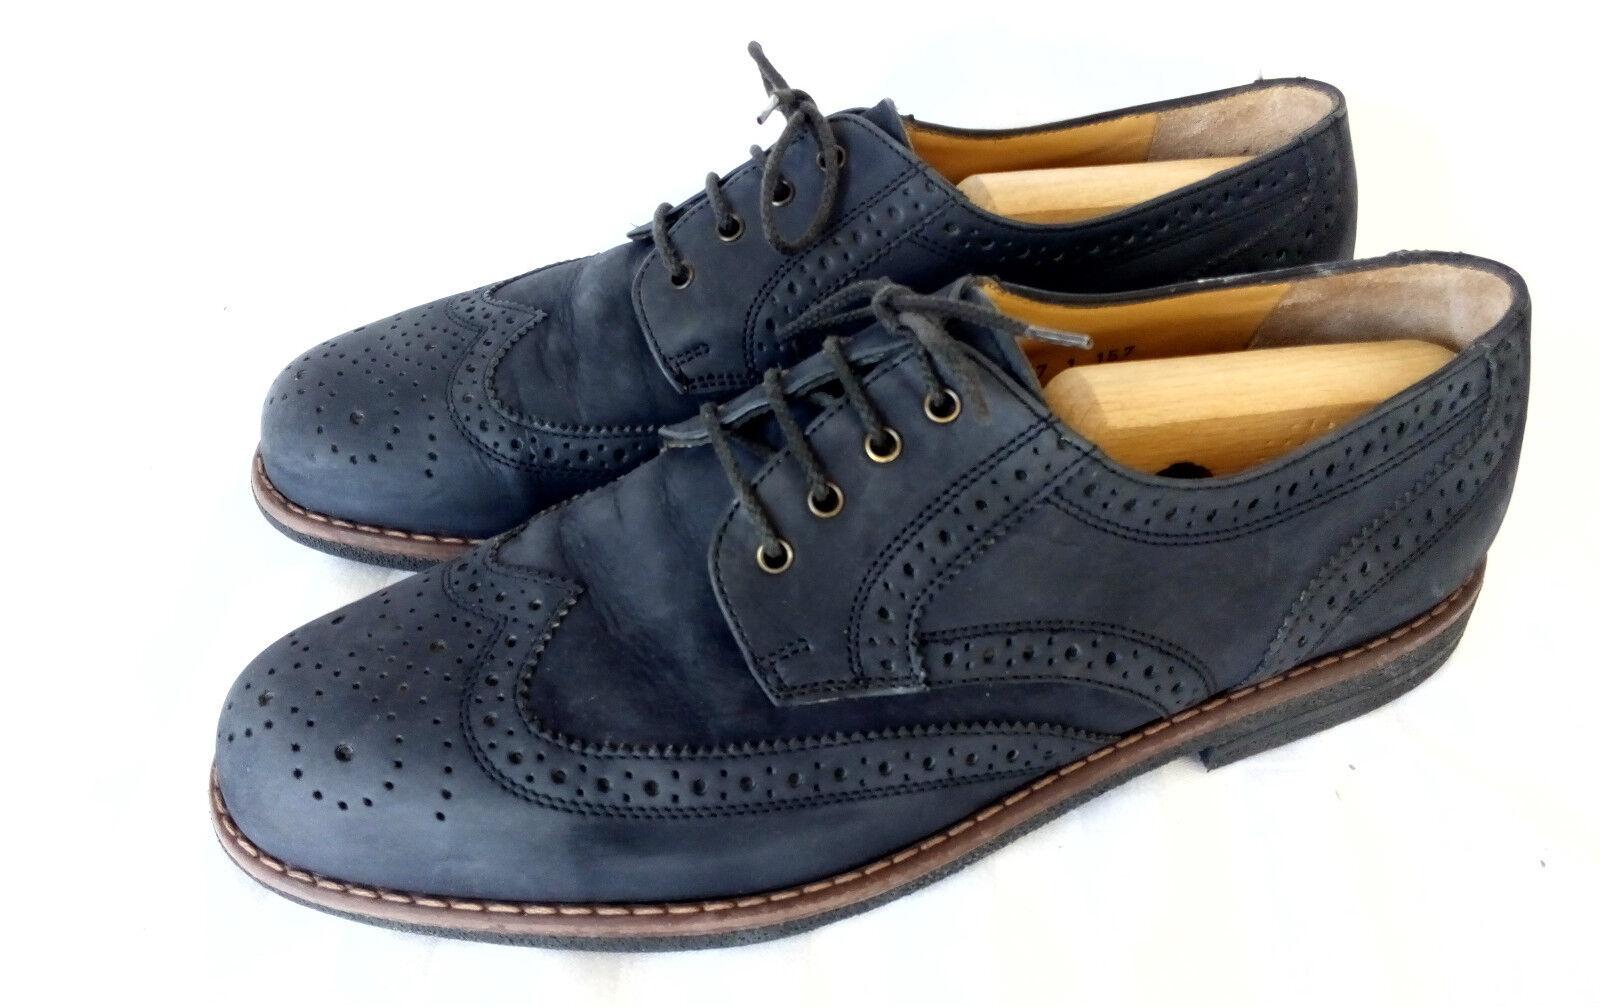 FRETZ Hommes Décontracté Full Brogue Derby Chaussures Hommes Bleu Daim UK 9.5 43,5 Top